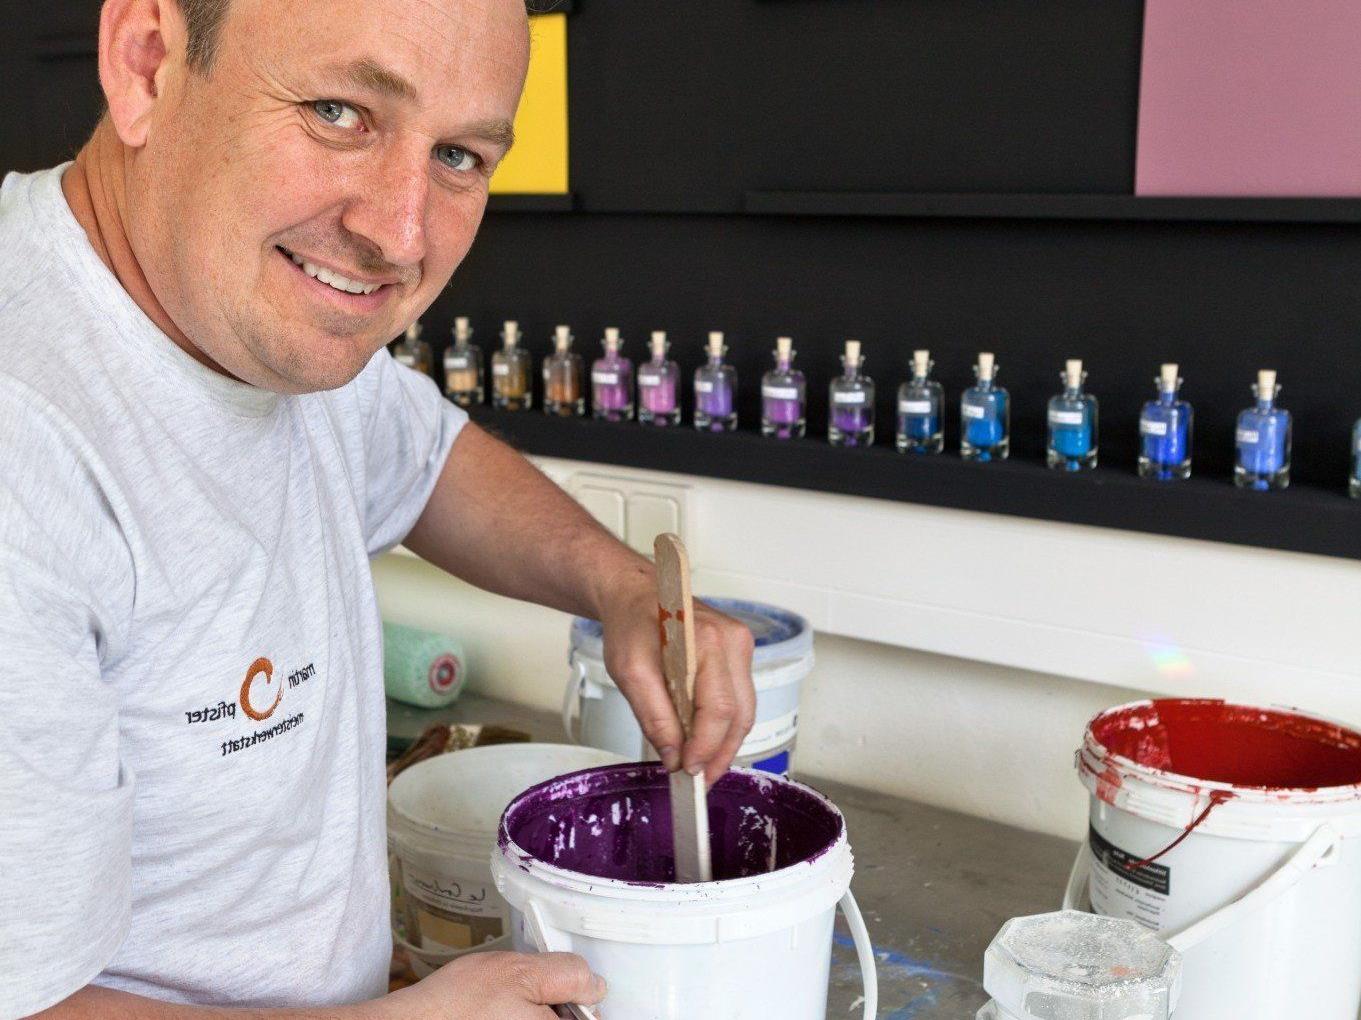 Malermeister Martin Pfister lädt am 12. April zum Infotag Naturfarben.